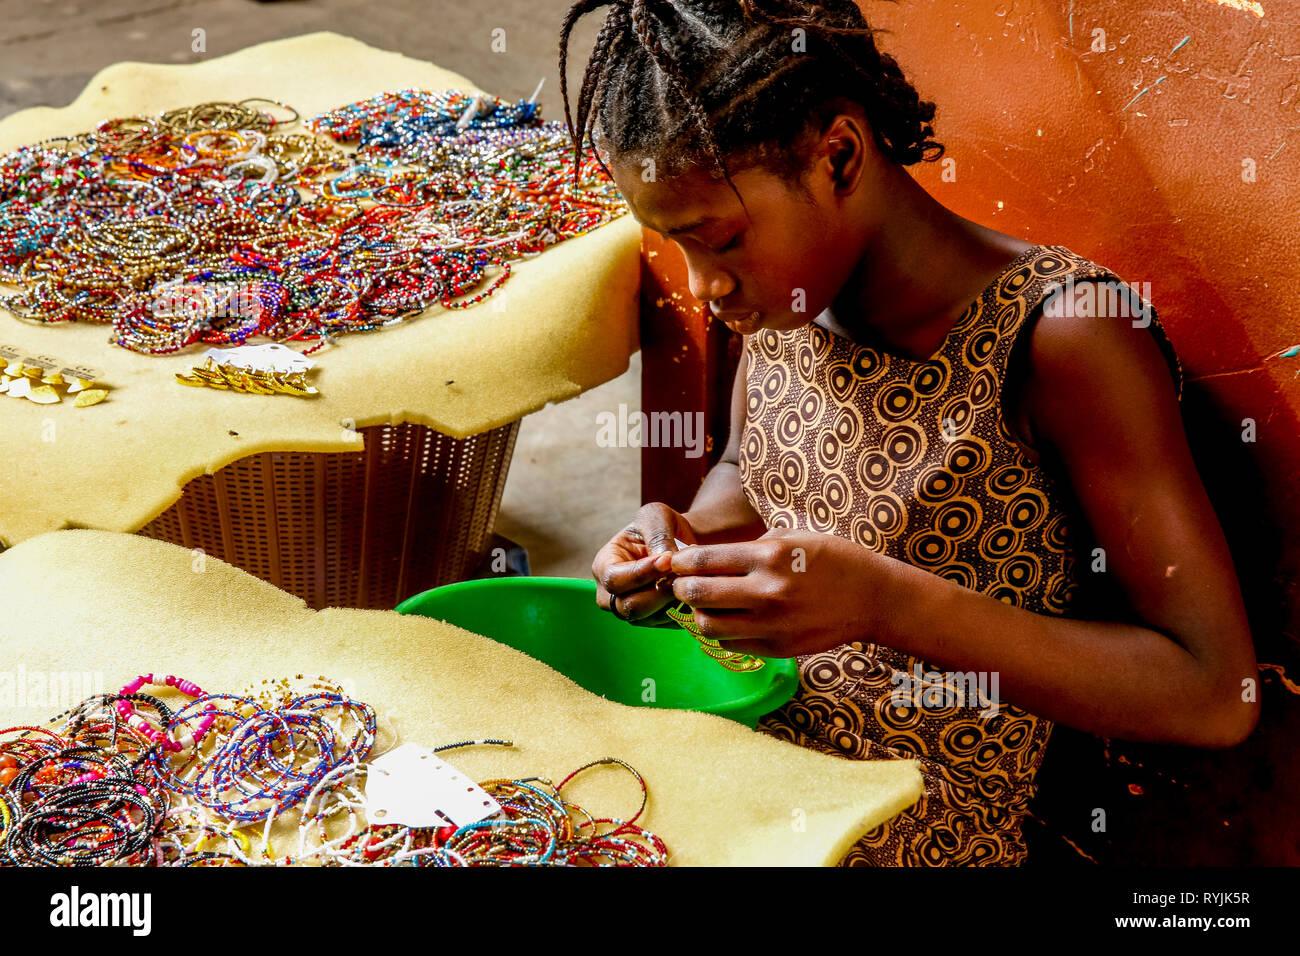 Fille de fabriquer et de vendre des bijoux à Ouagadougou, Burkina Faso. Photo Stock